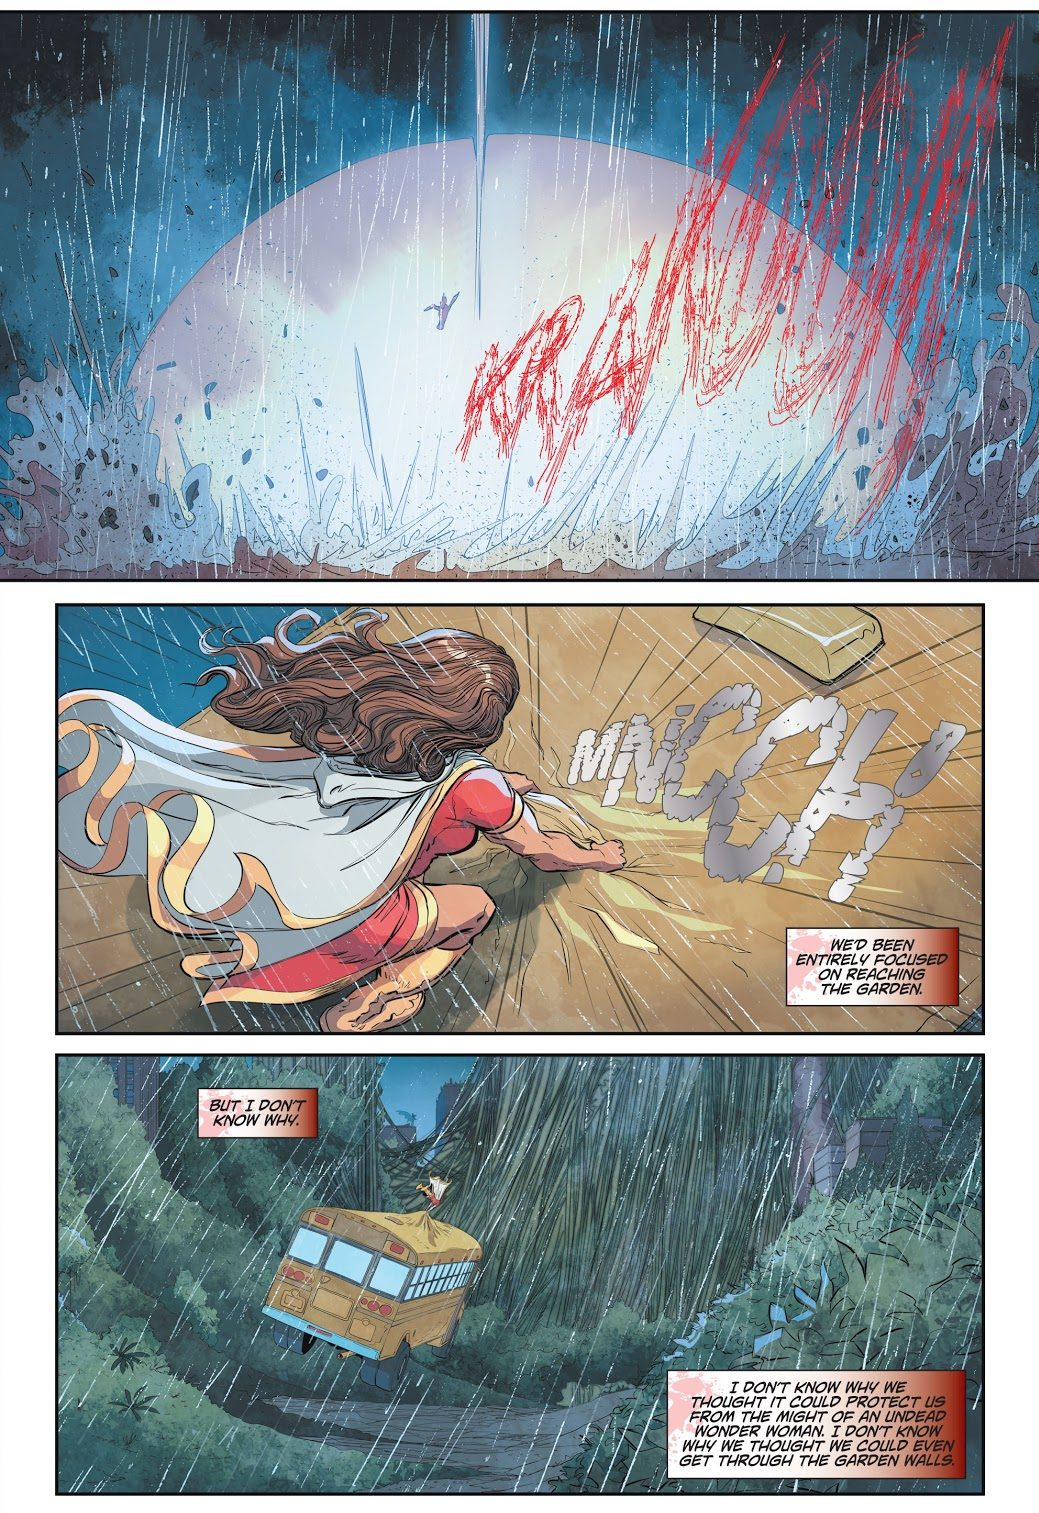 Mary Marvel VS Zombie Wonder Woman